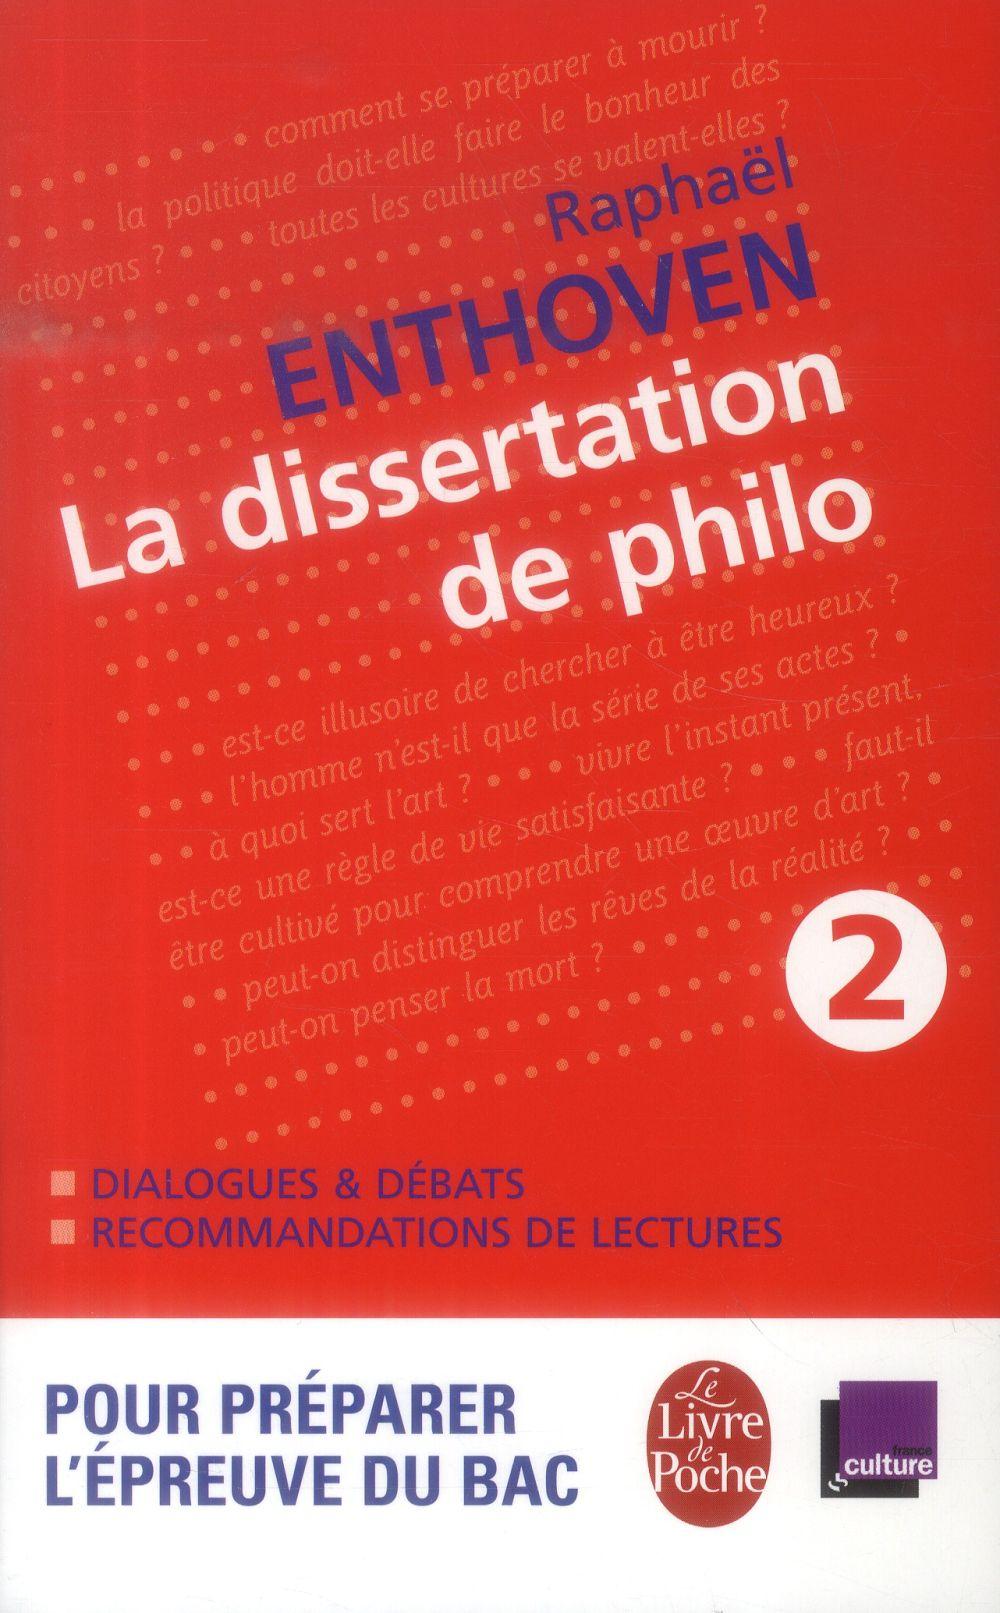 La dissertation de philo t.2